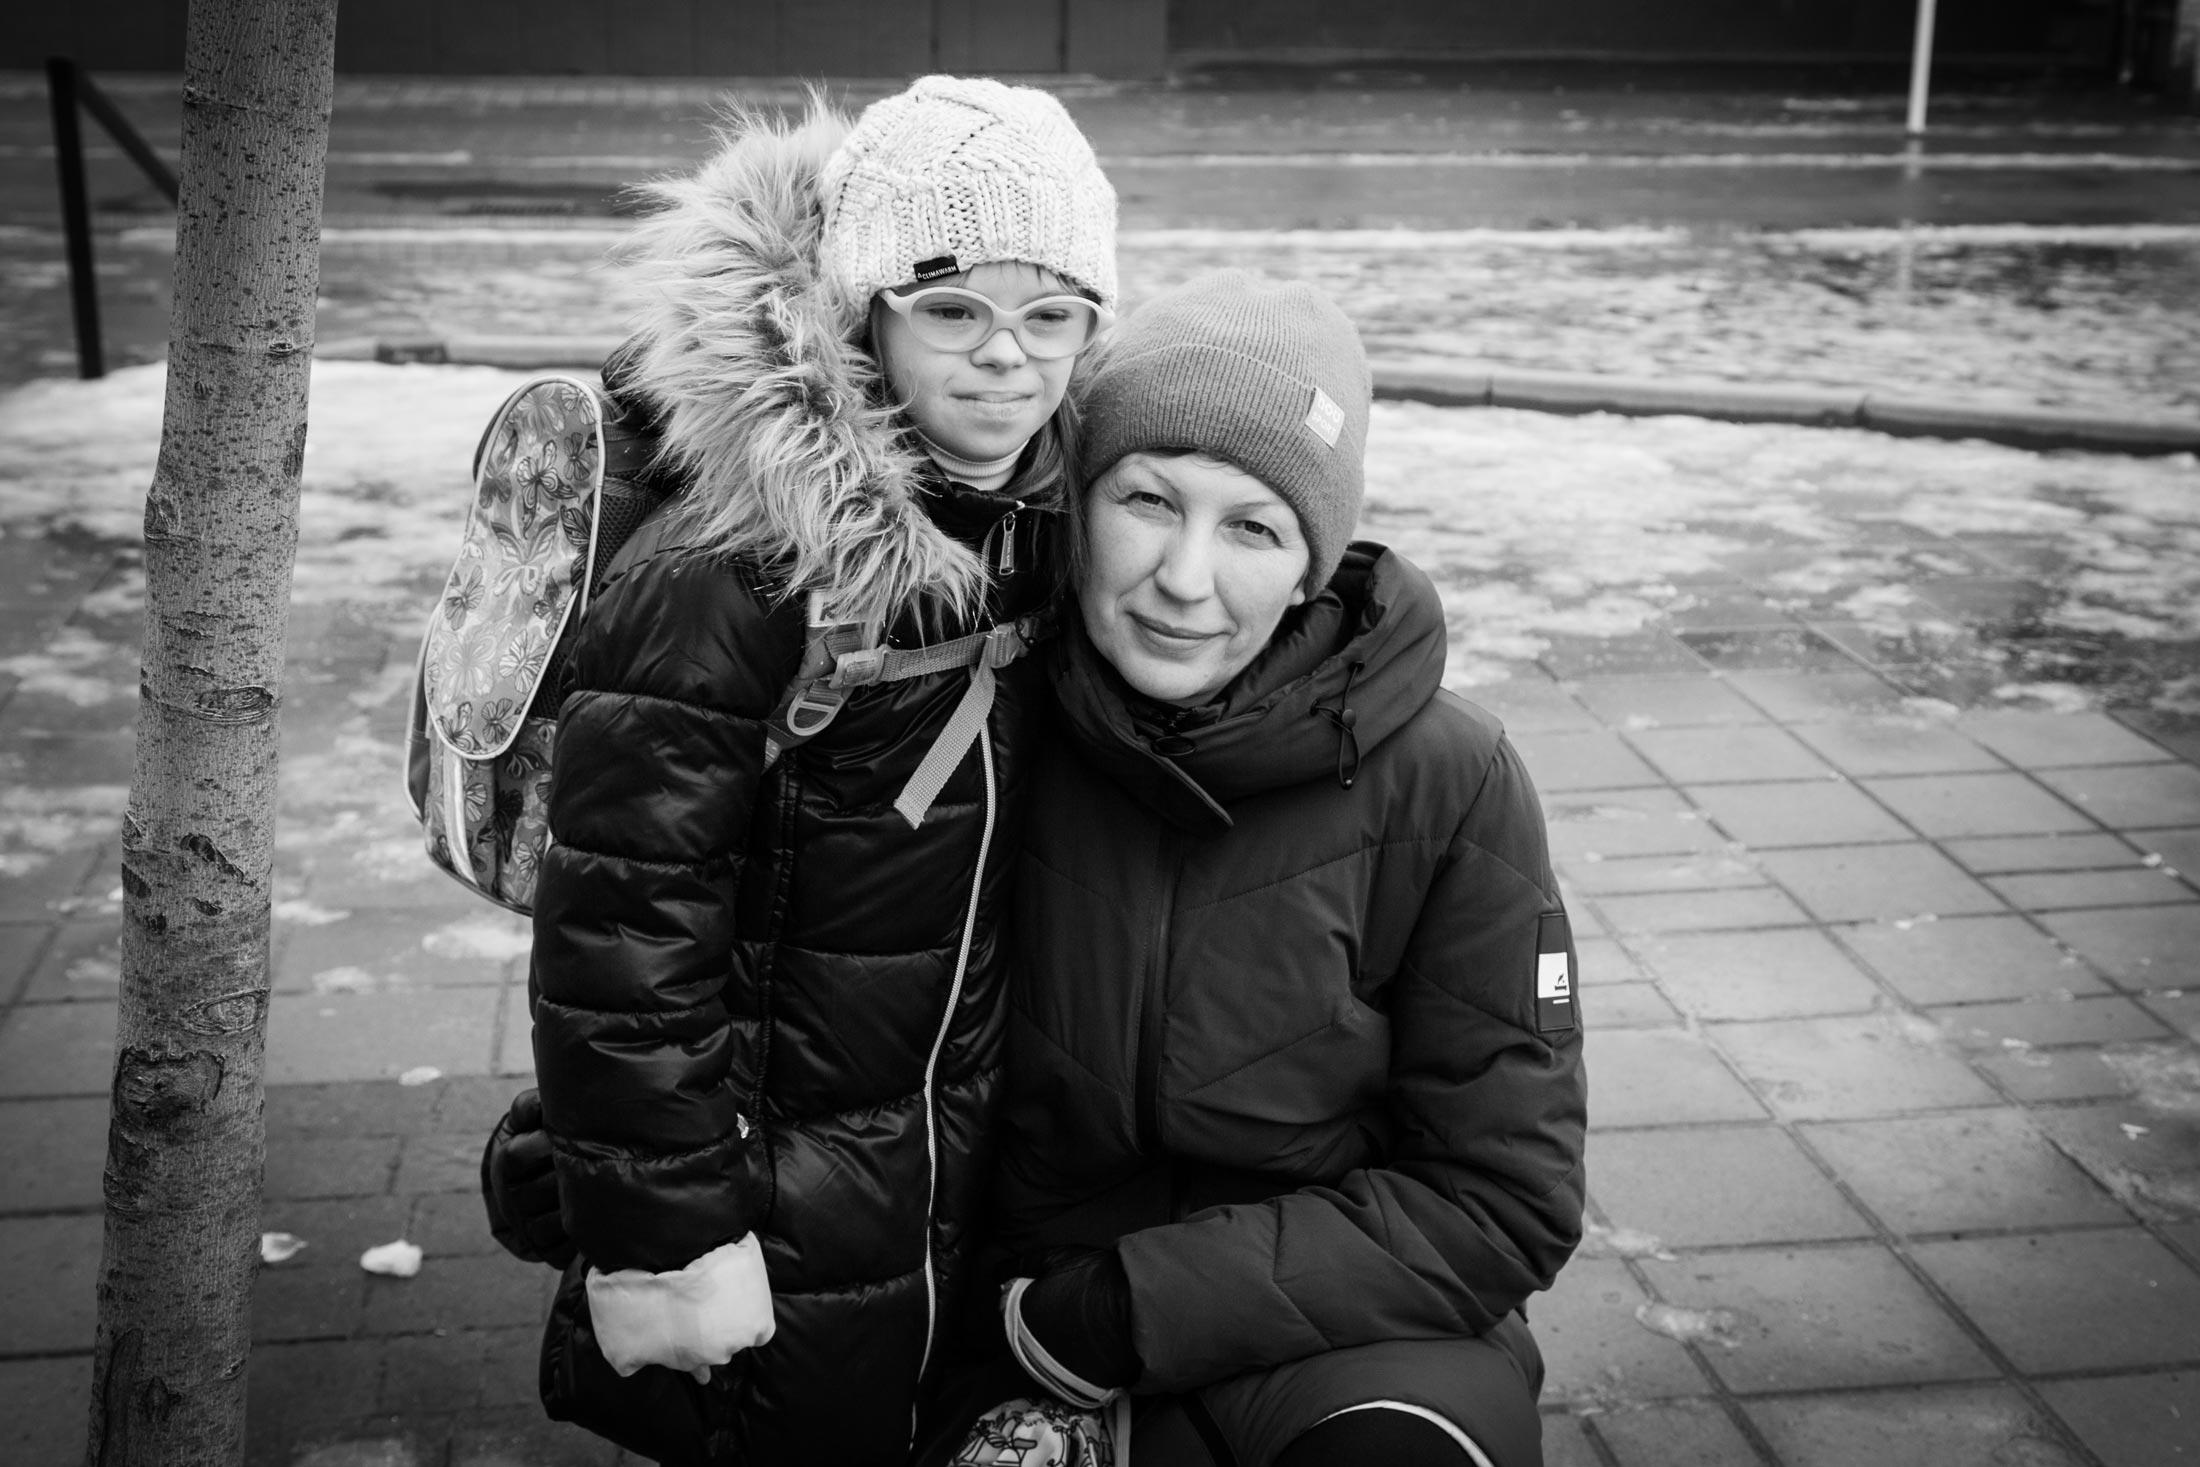 yulia boiko 01 - <b>Таке життя.</b> Як спілкуватися із батьками дітей з особливими потребами й не перетворювати розмову на щось особливе - Заборона